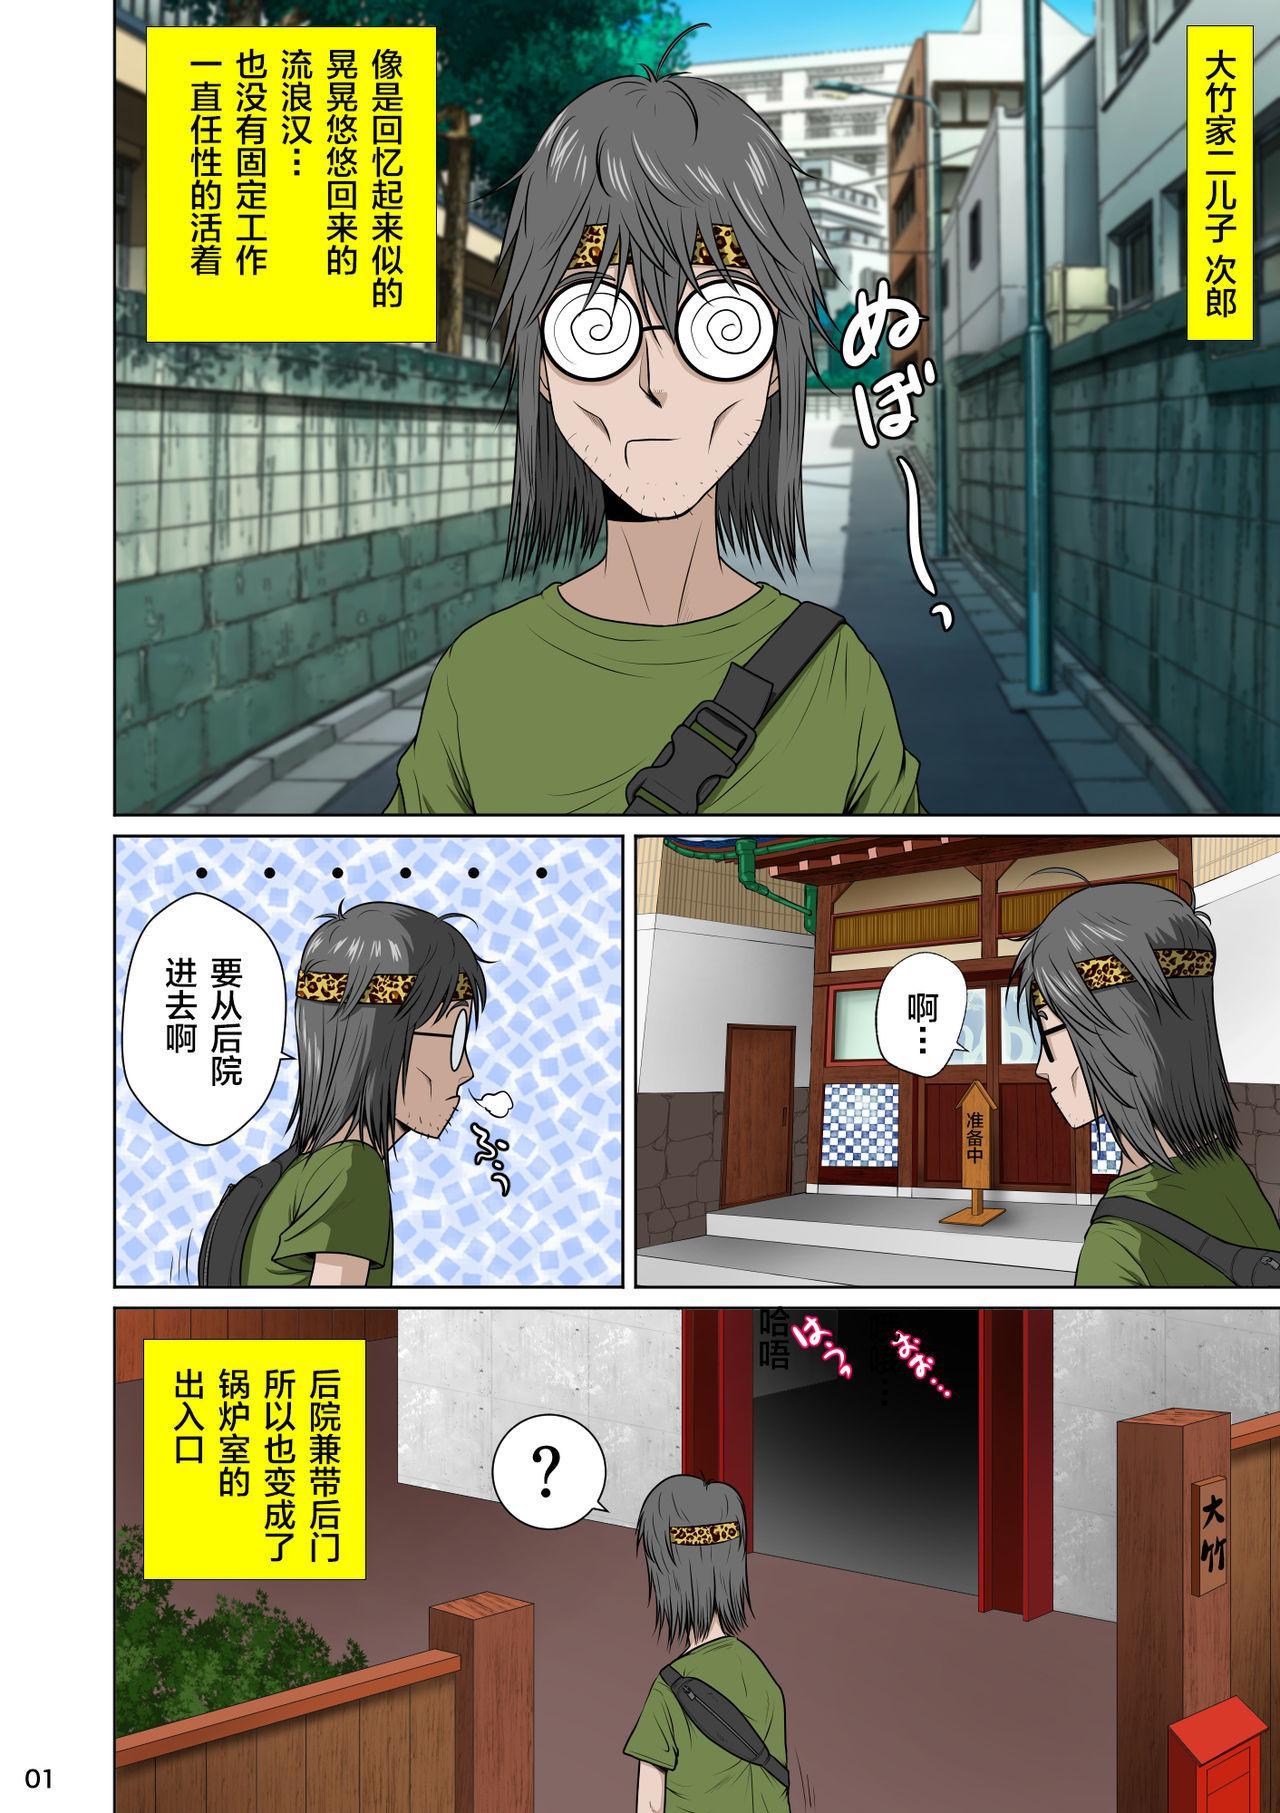 Akasuri Yubana no Chizuru-san Ha no Shou 2